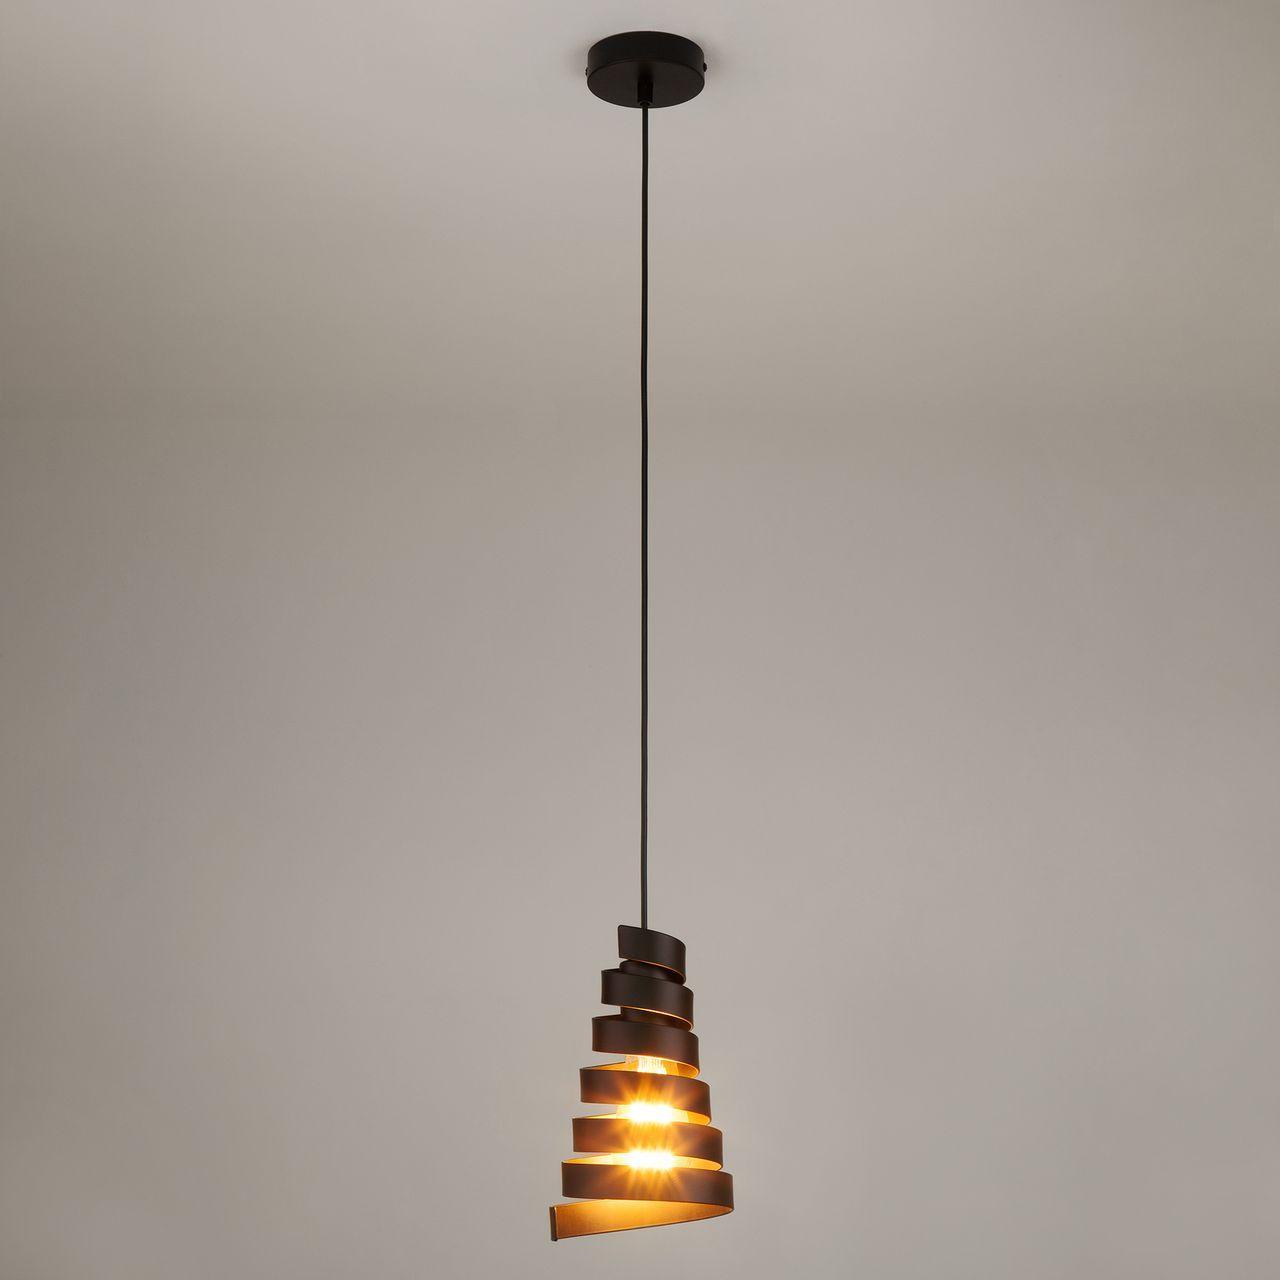 Фото - Подвесной светильник Eurosvet Storm 50058/1 черный alfa 2321